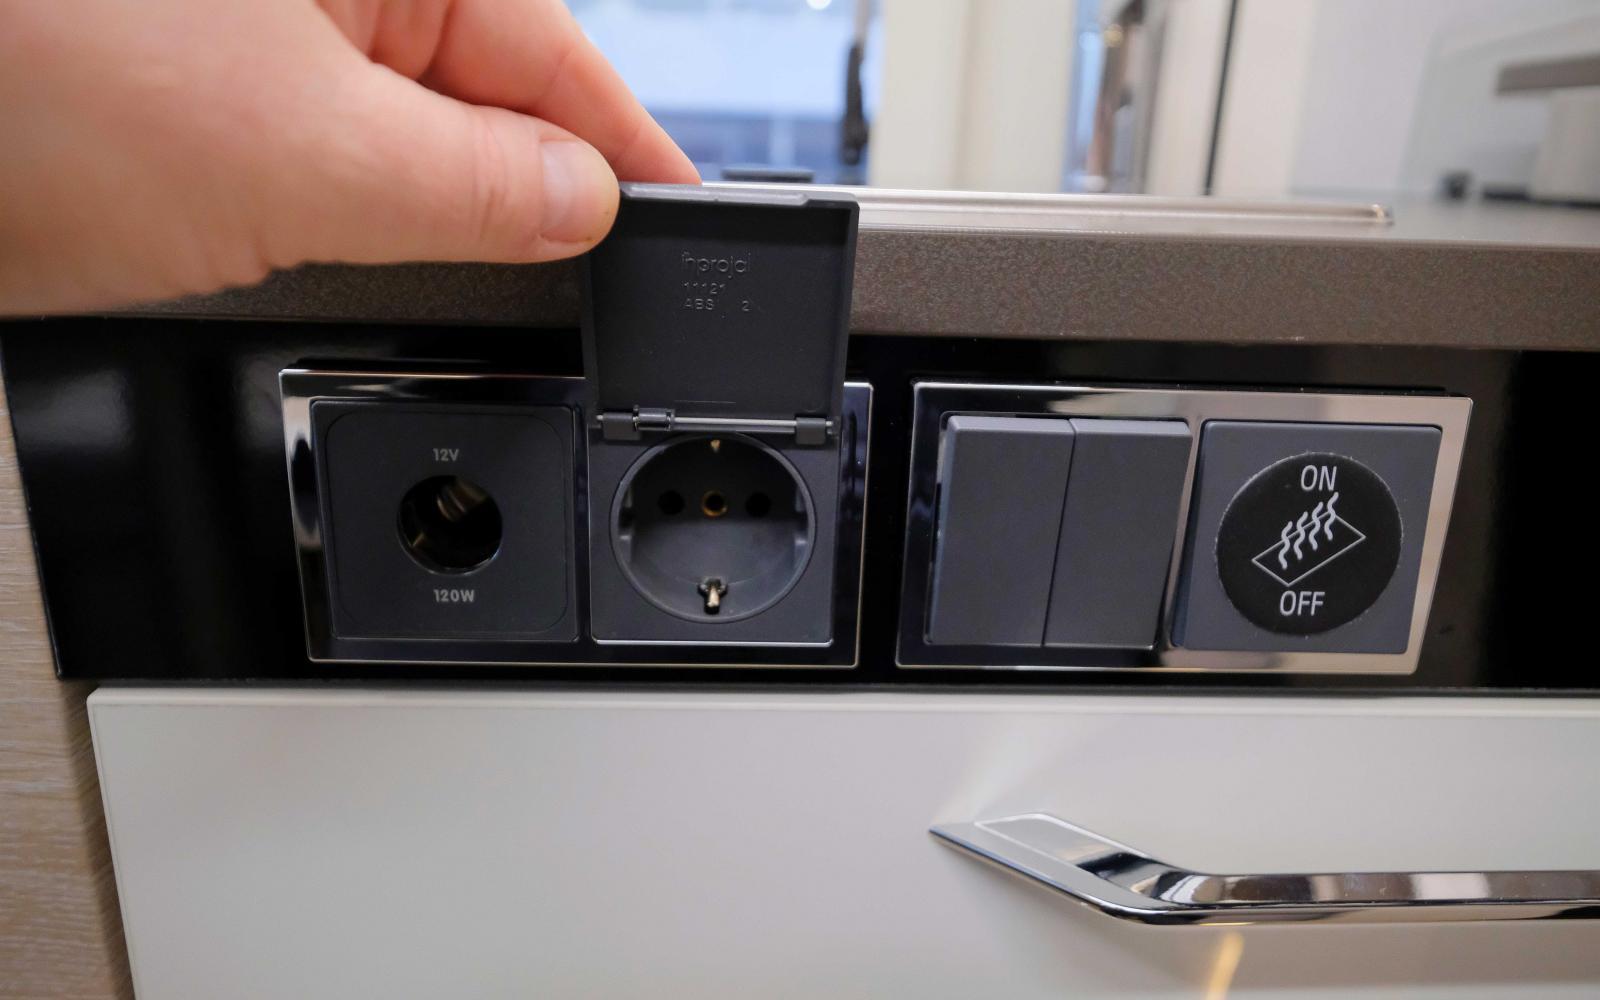 Kontaktuttag, lysknapp och knapp för golvvärme på köksbänkens långsida.